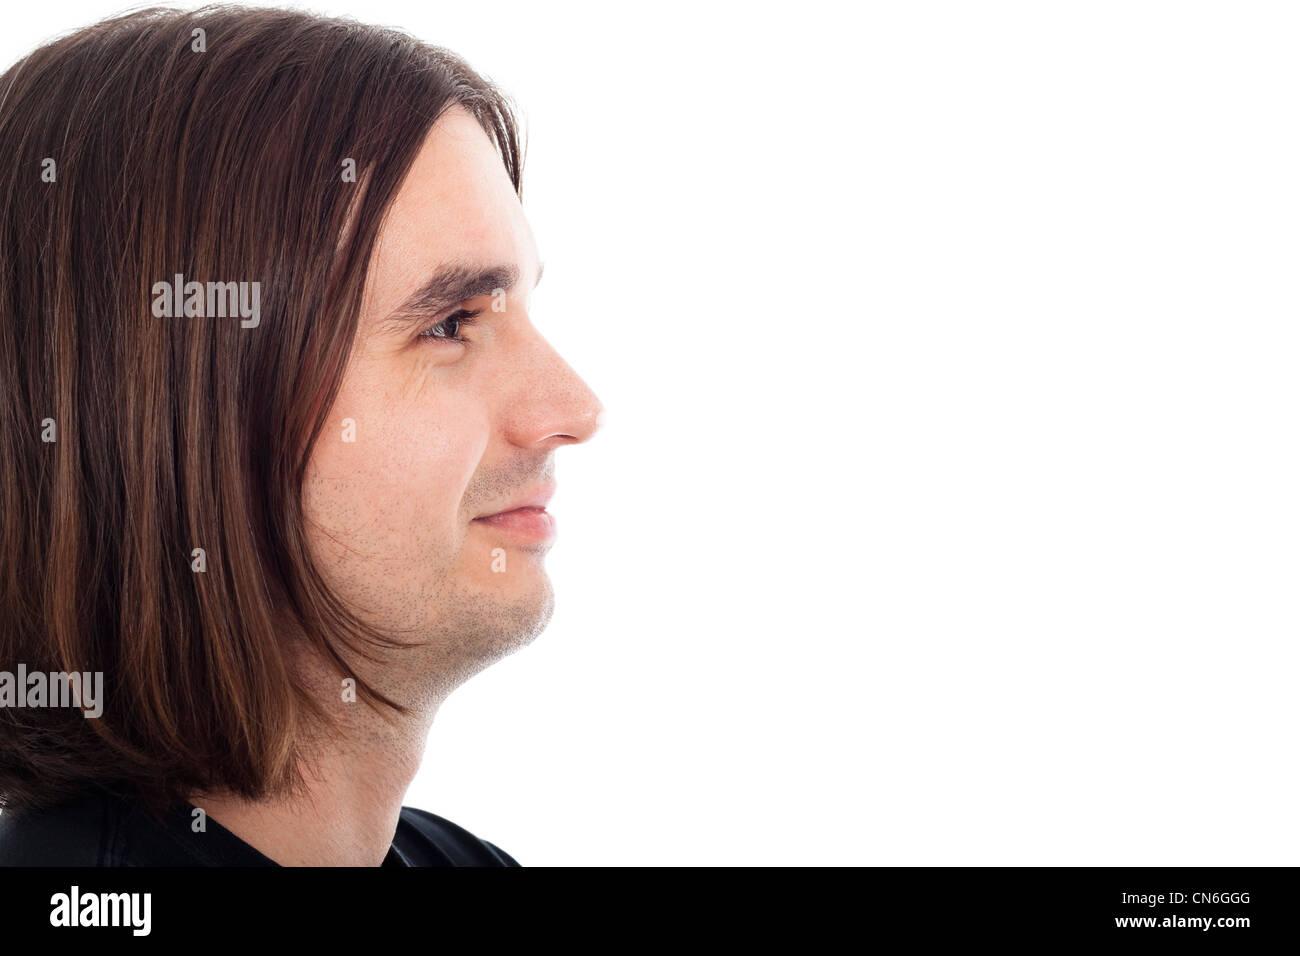 Perfil del Joven de cabellos largos hombre sonriendo neutral rostro relajado, aislado sobre fondo blanco con un Imagen De Stock